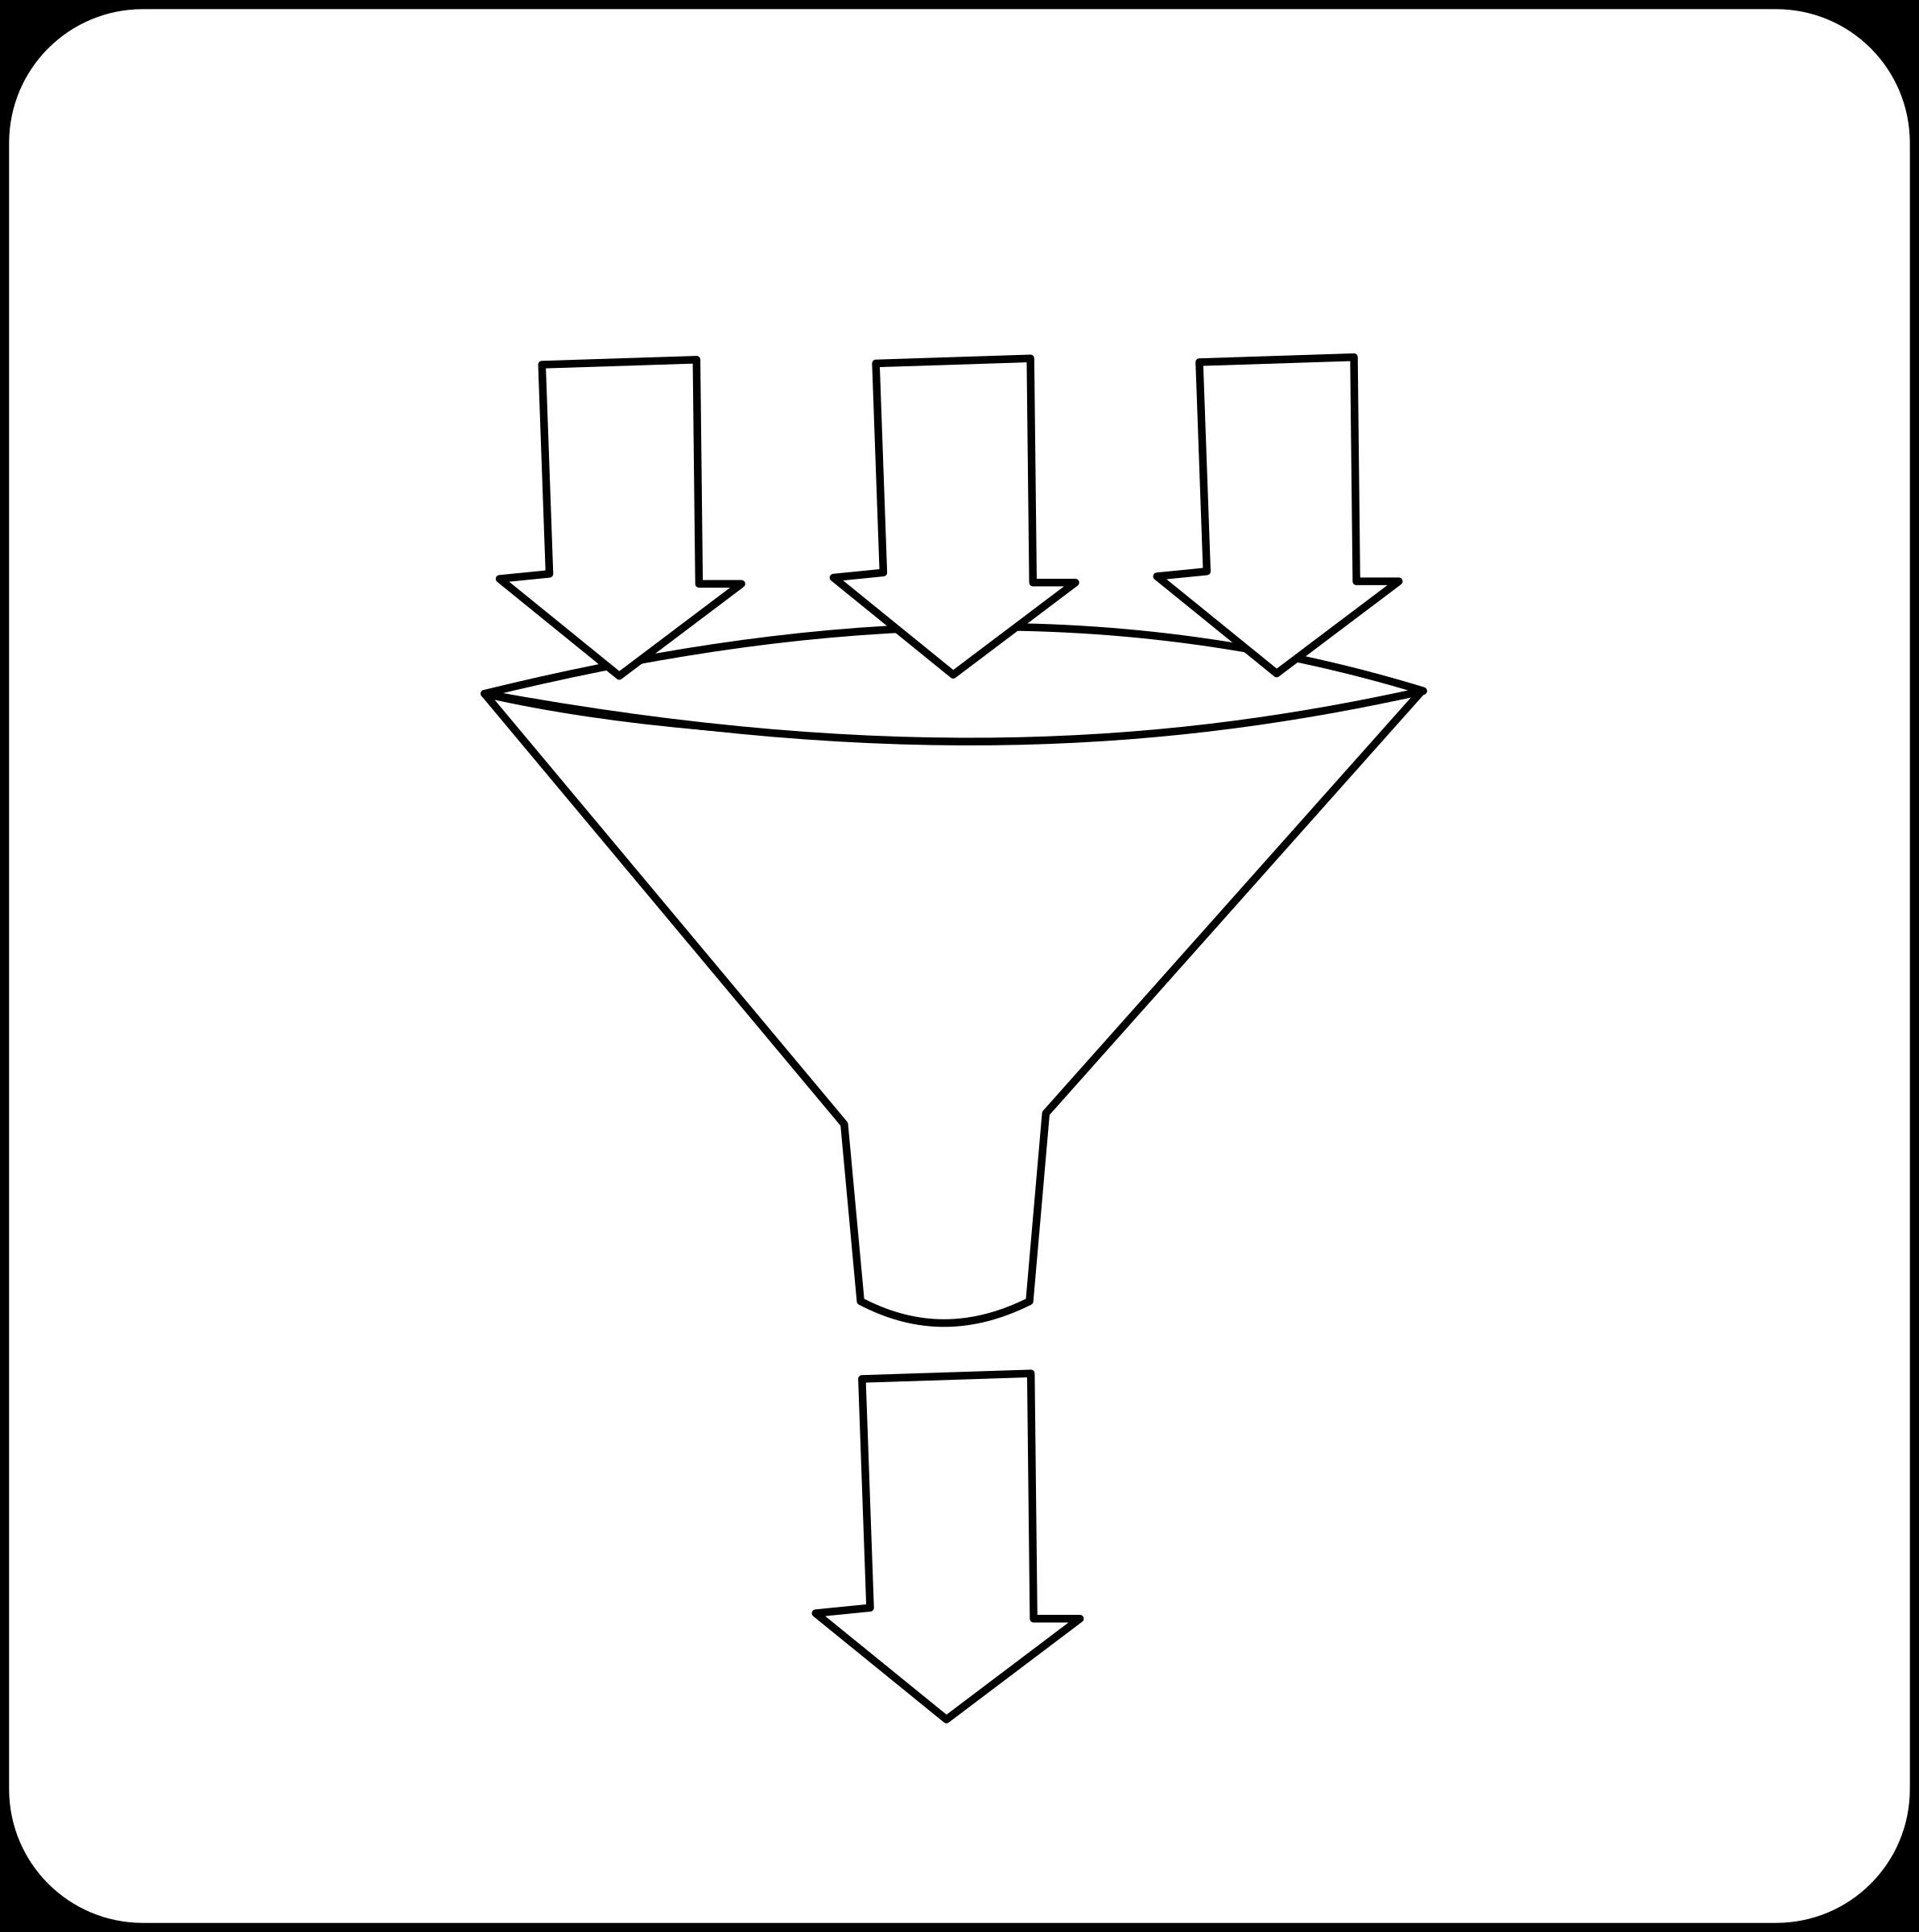 lmproulx-Funnel-Entonnoir.png